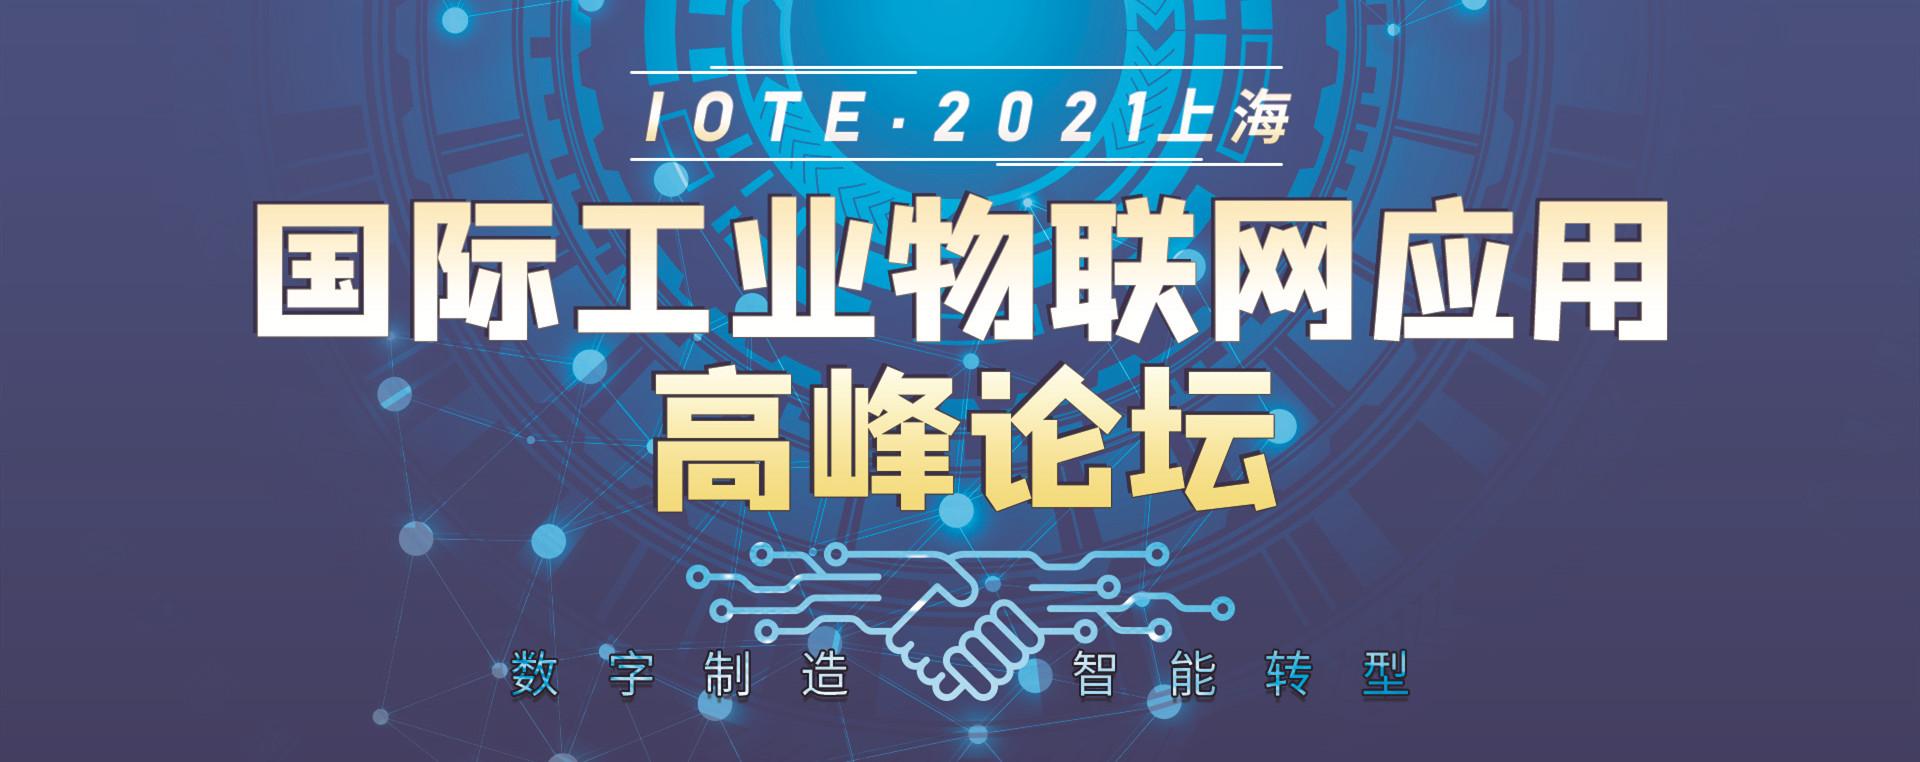 会议专题 | IOTE·2021上海国际工业物联网应用高峰论坛